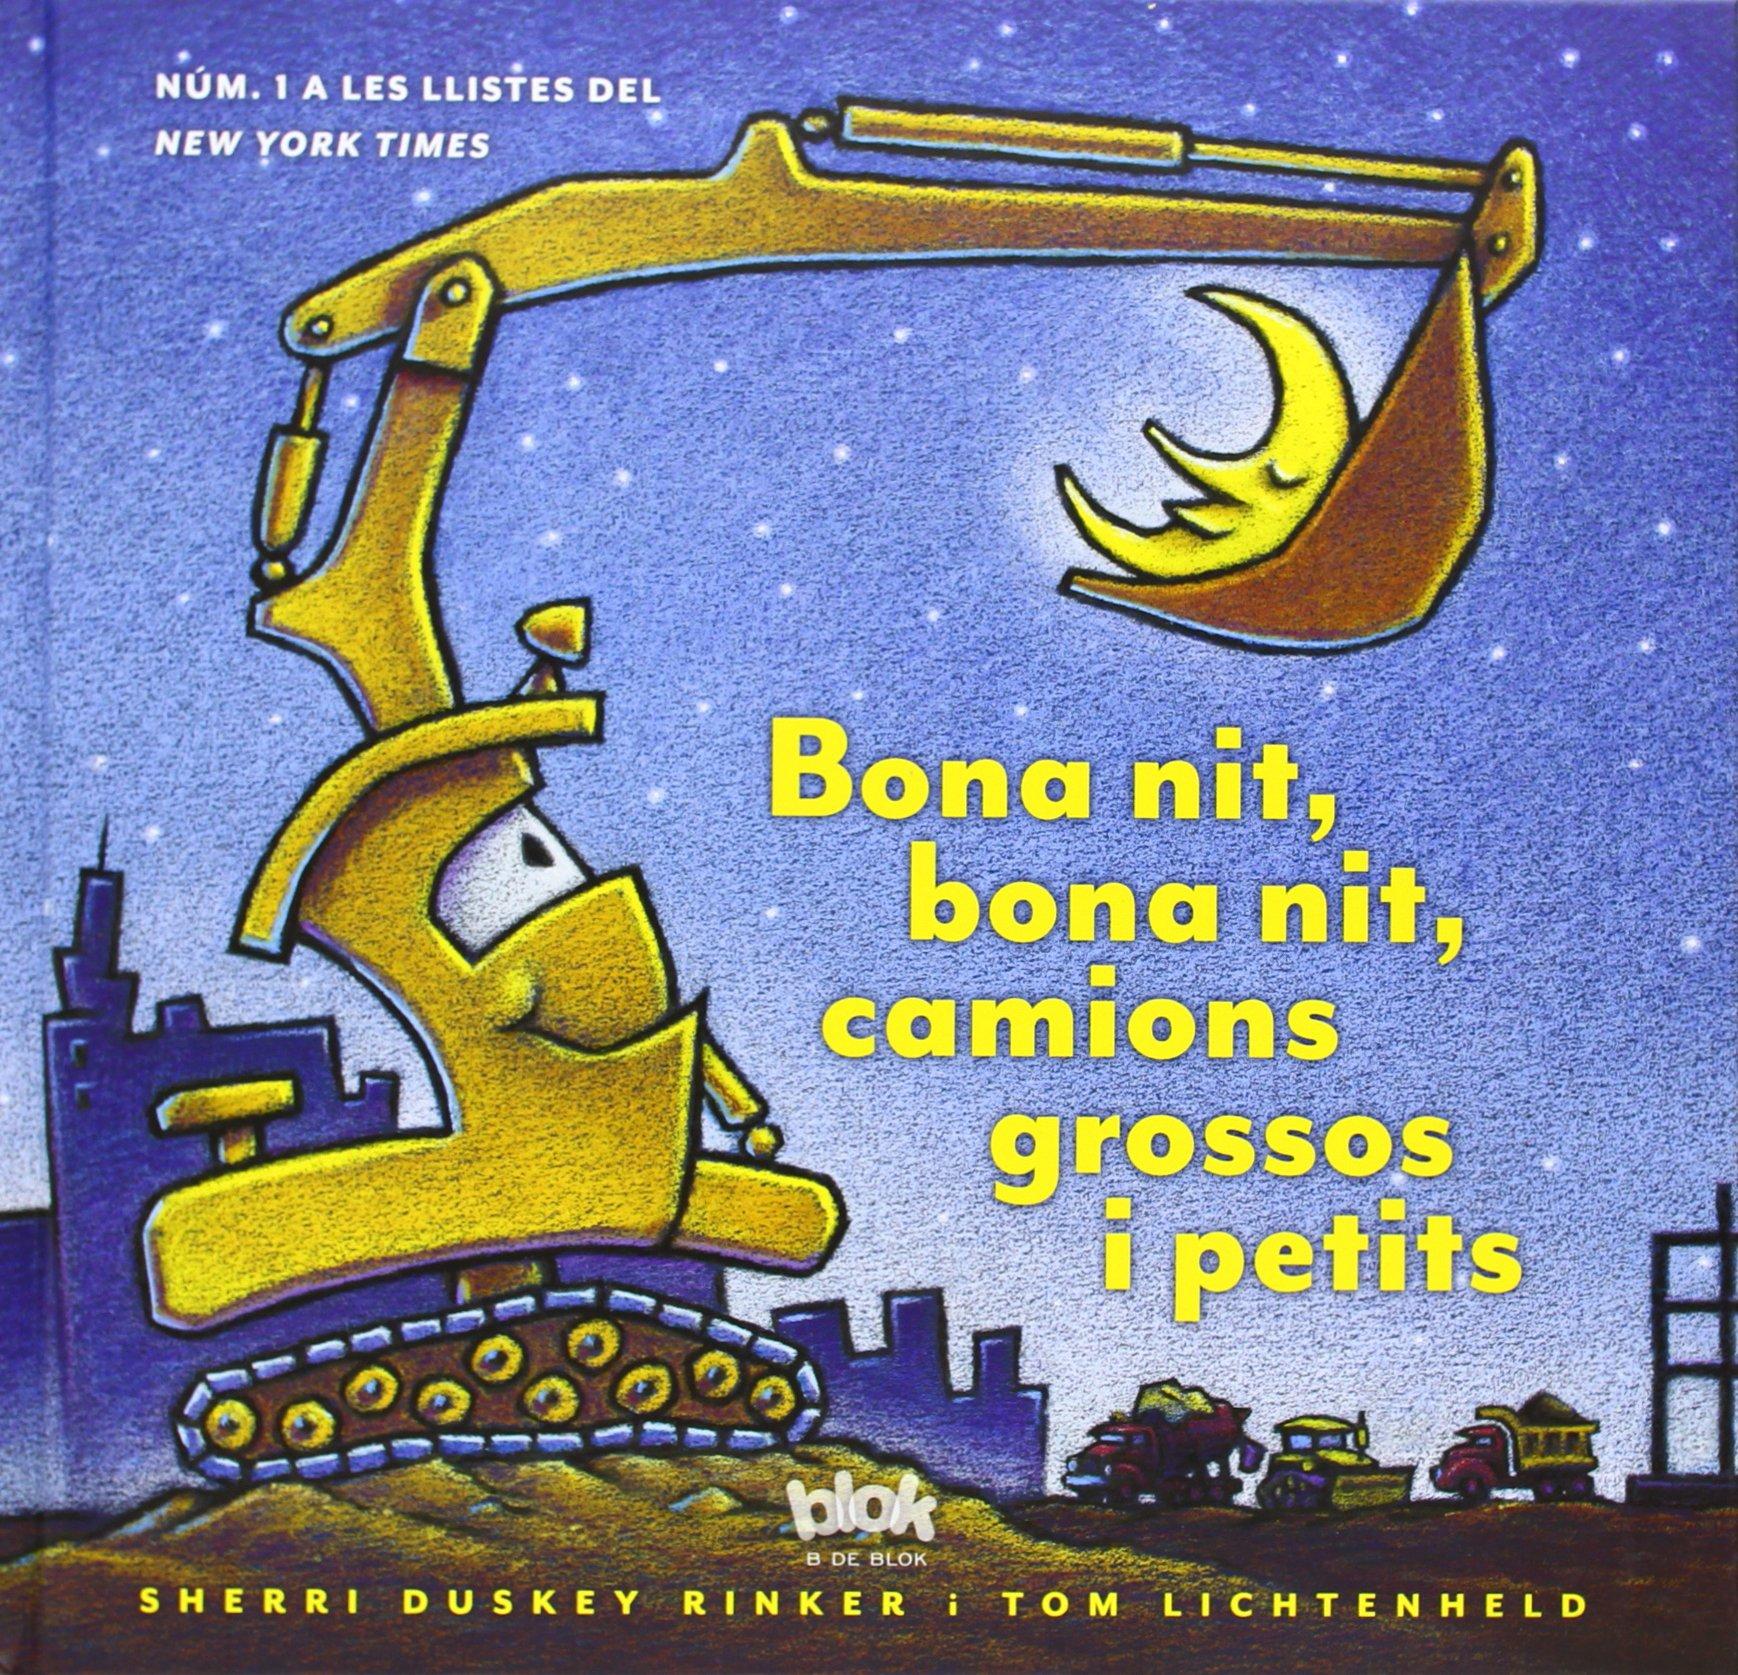 Bona Nit Bona Nit Camions Grossos I Petits B De Blok Catalan Edition Lichtenheld Tom 9788415579670 Books